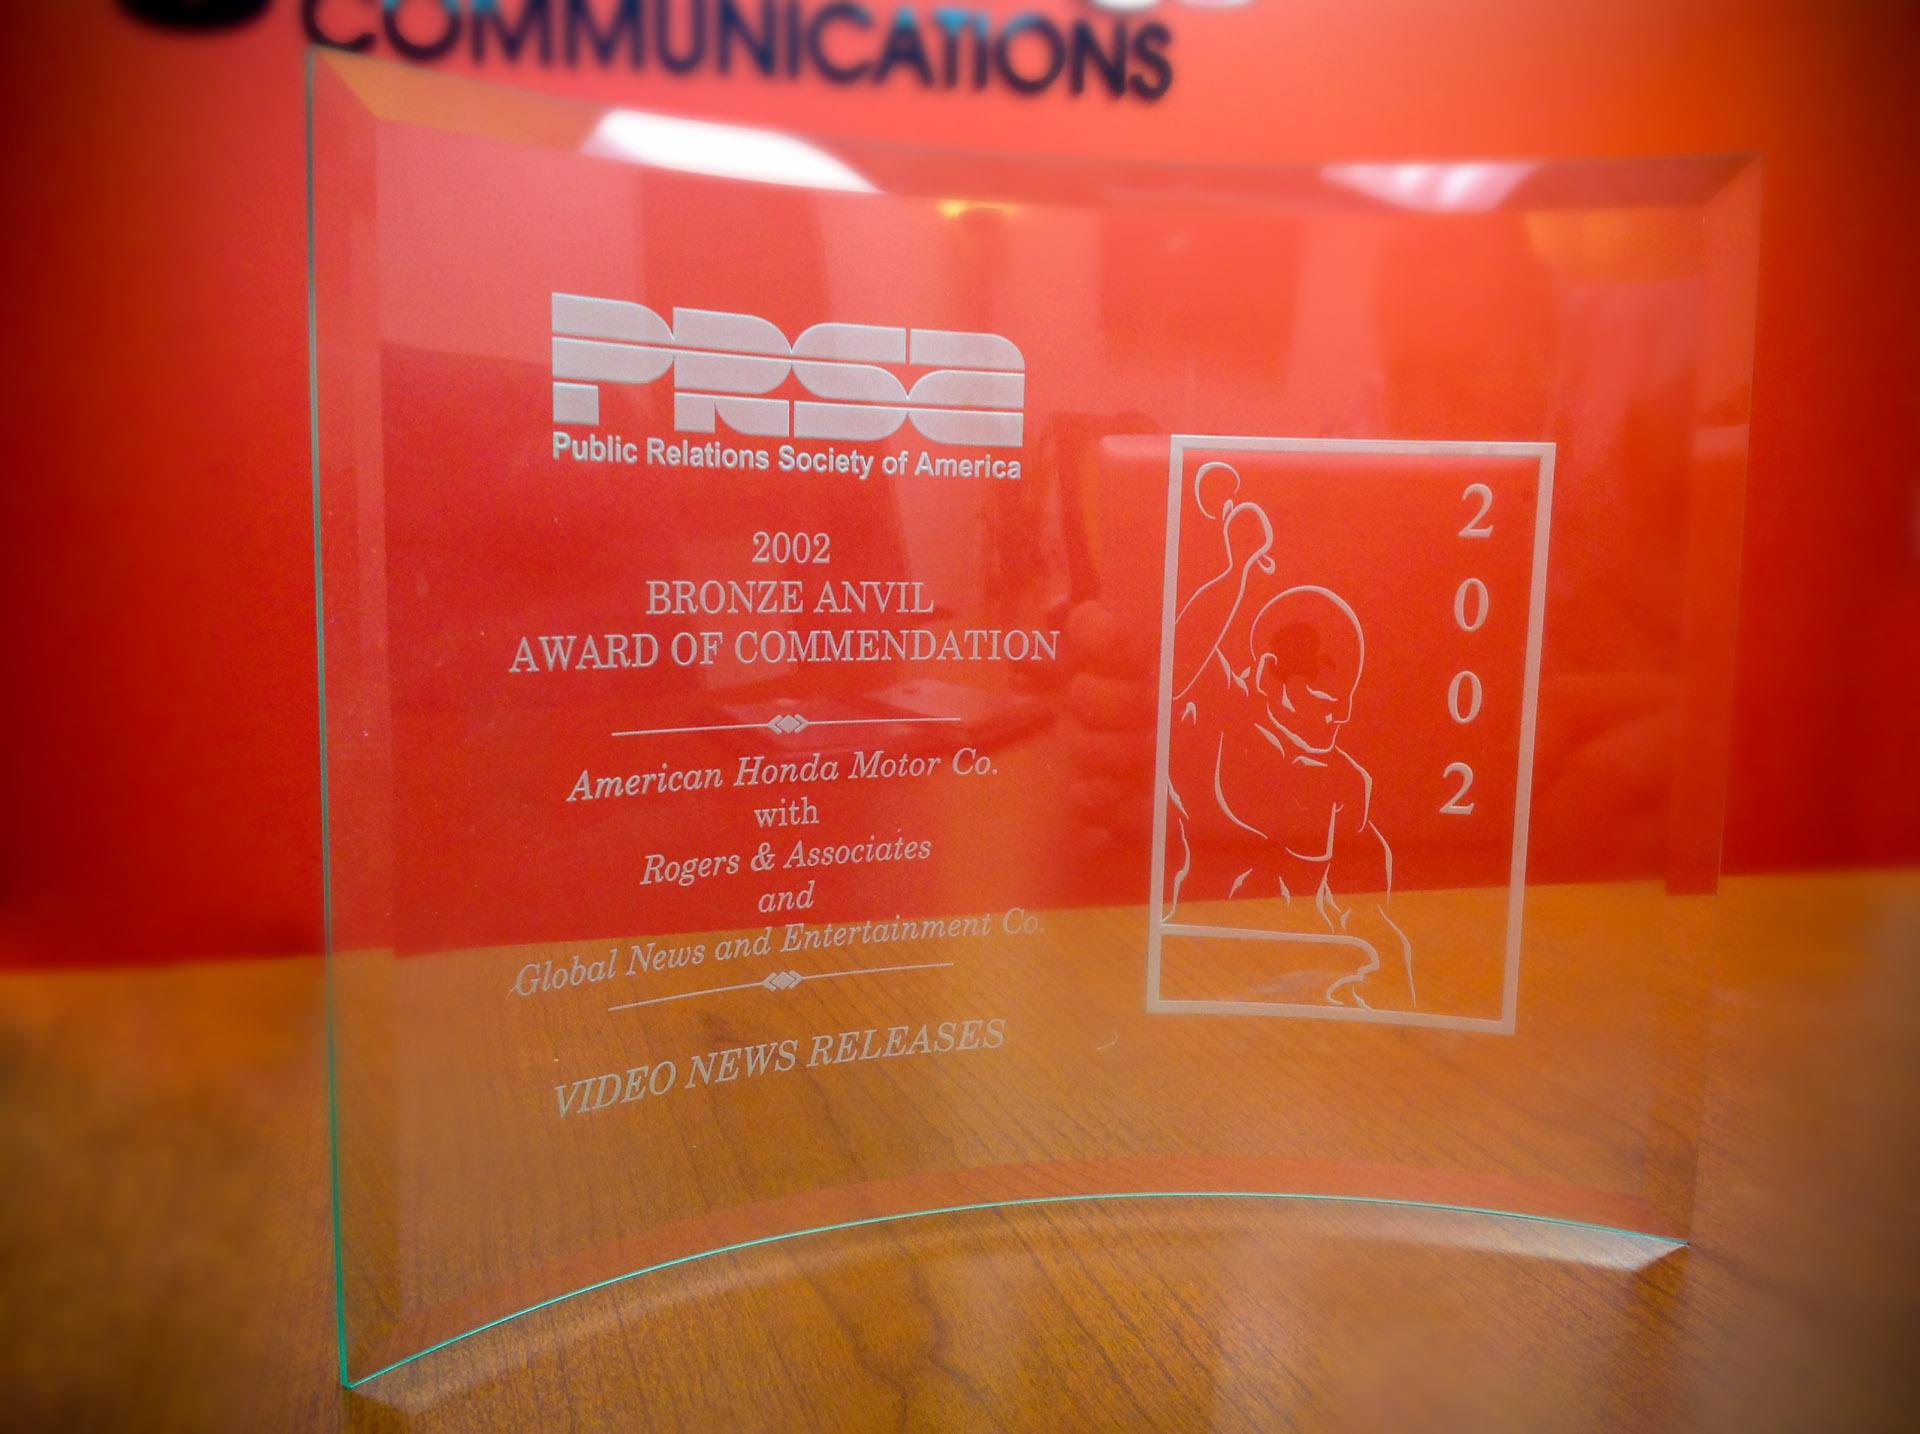 PRSA's 2002 Bronze Anvil Award